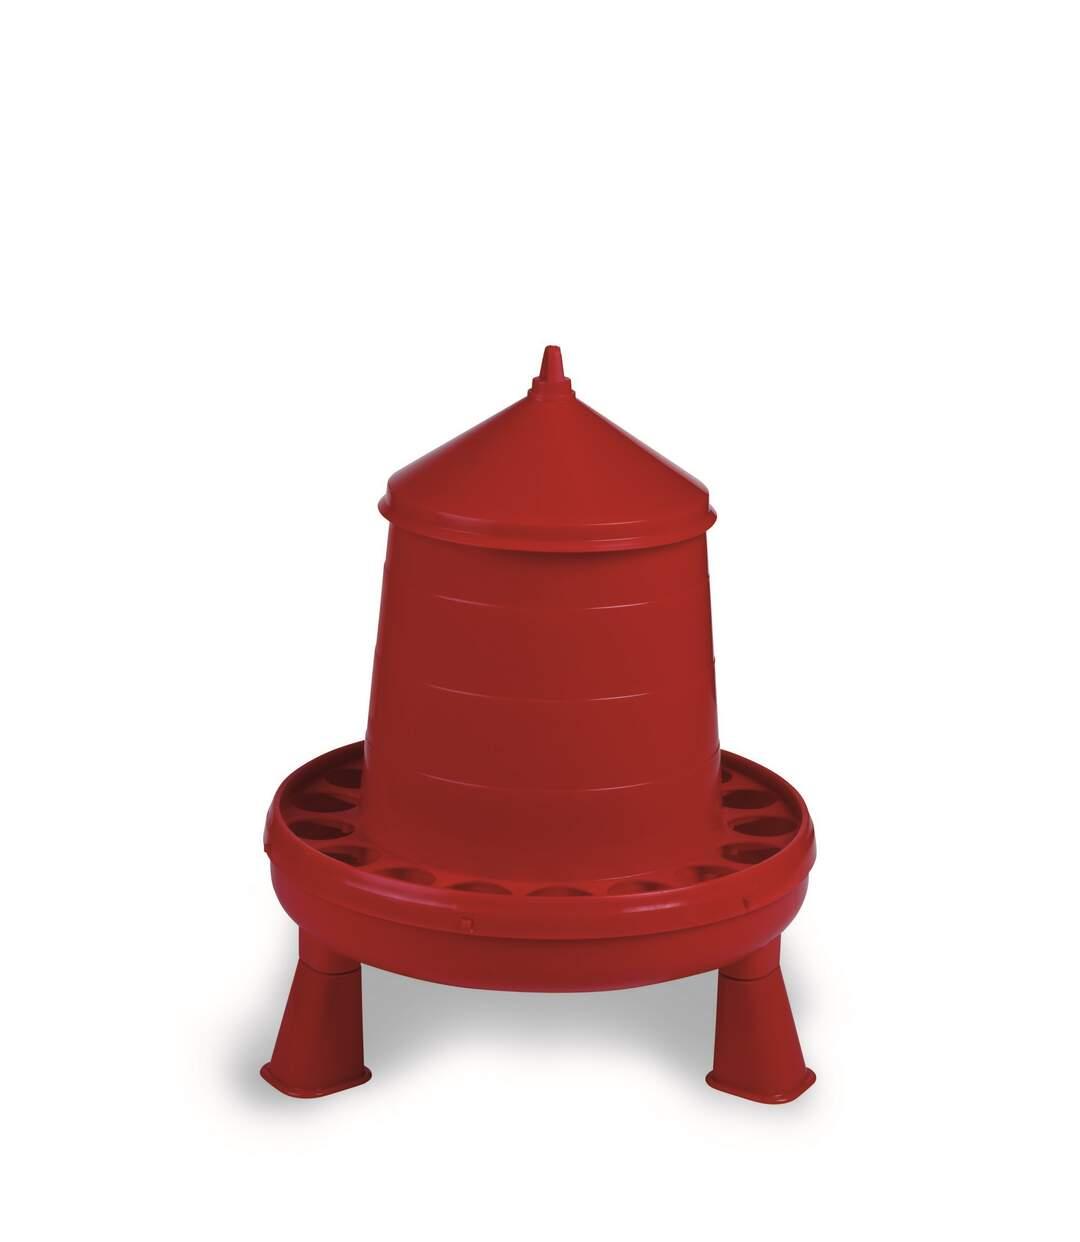 Gaun - Mangeoire Avec Pieds - Poules (Rouge) (4 kg) - UTTL1484